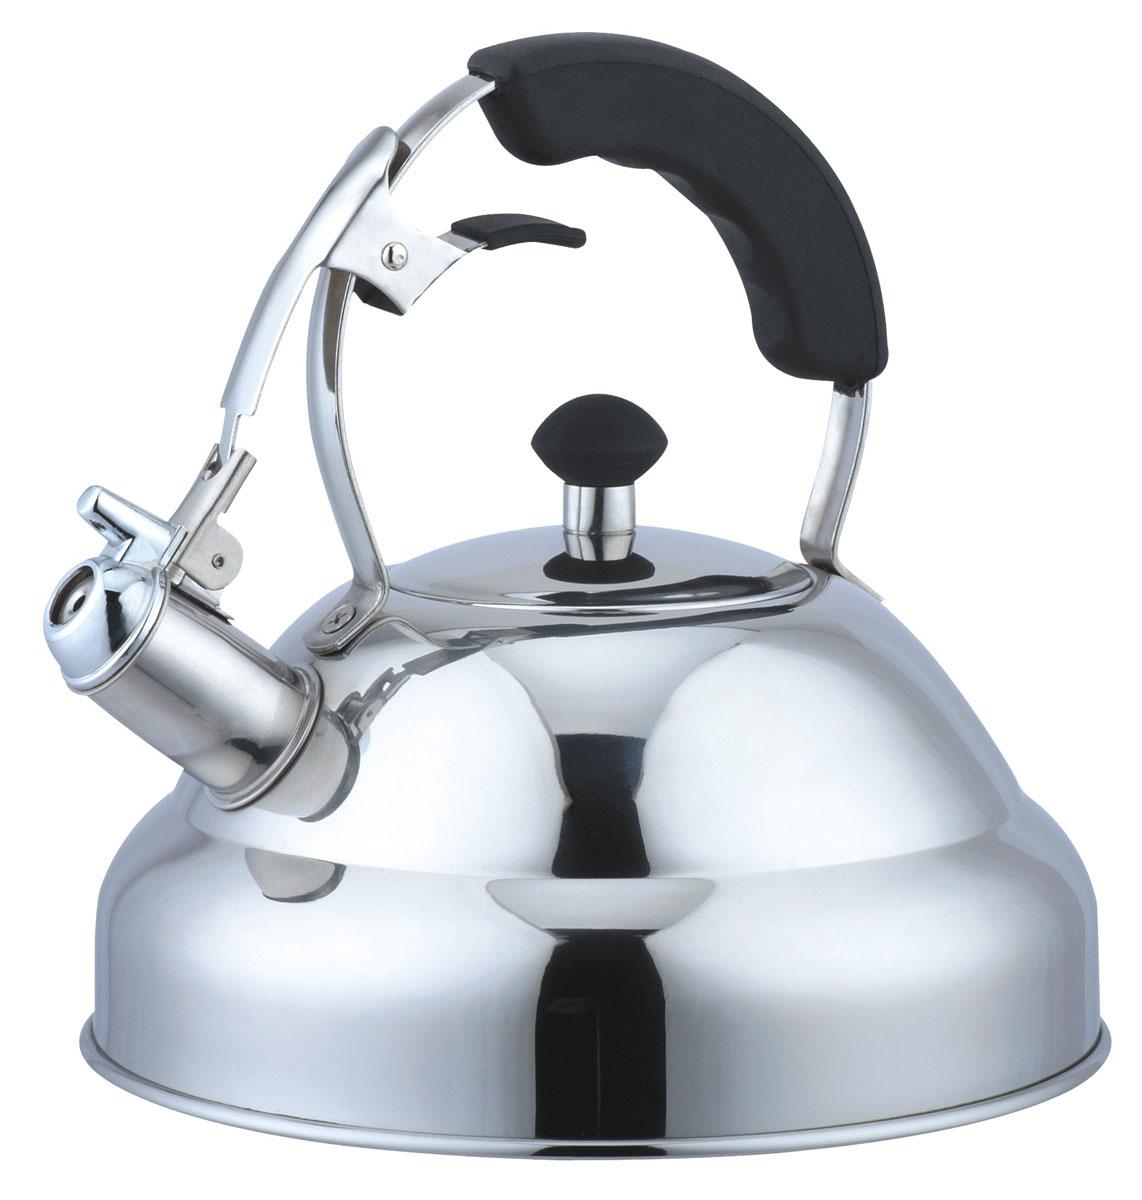 Чайник Bekker Koch со свистком, 3 л. BK-S453641BHLЧайник Bekker Koch изготовлен из высококачественной нержавеющей стали 18/10 с зеркальной полировкой. Цельнометаллическое дно распределяет тепло по всей поверхности, что позволяет чайнику быстро закипать. Эргономичная фиксированная ручка выполнена из нержавеющей стали с силиконовым покрытием черного цвета. Носик оснащен откидным свистком, который подскажет, когда вода закипела. Свисток открывается и закрывается нажатием рычага на рукоятке. Широкое отверстие по верхнему краю позволяет удобно наливать воду.Подходит для всех типов плит, включая индукционные. Можно мыть в посудомоечной машине.